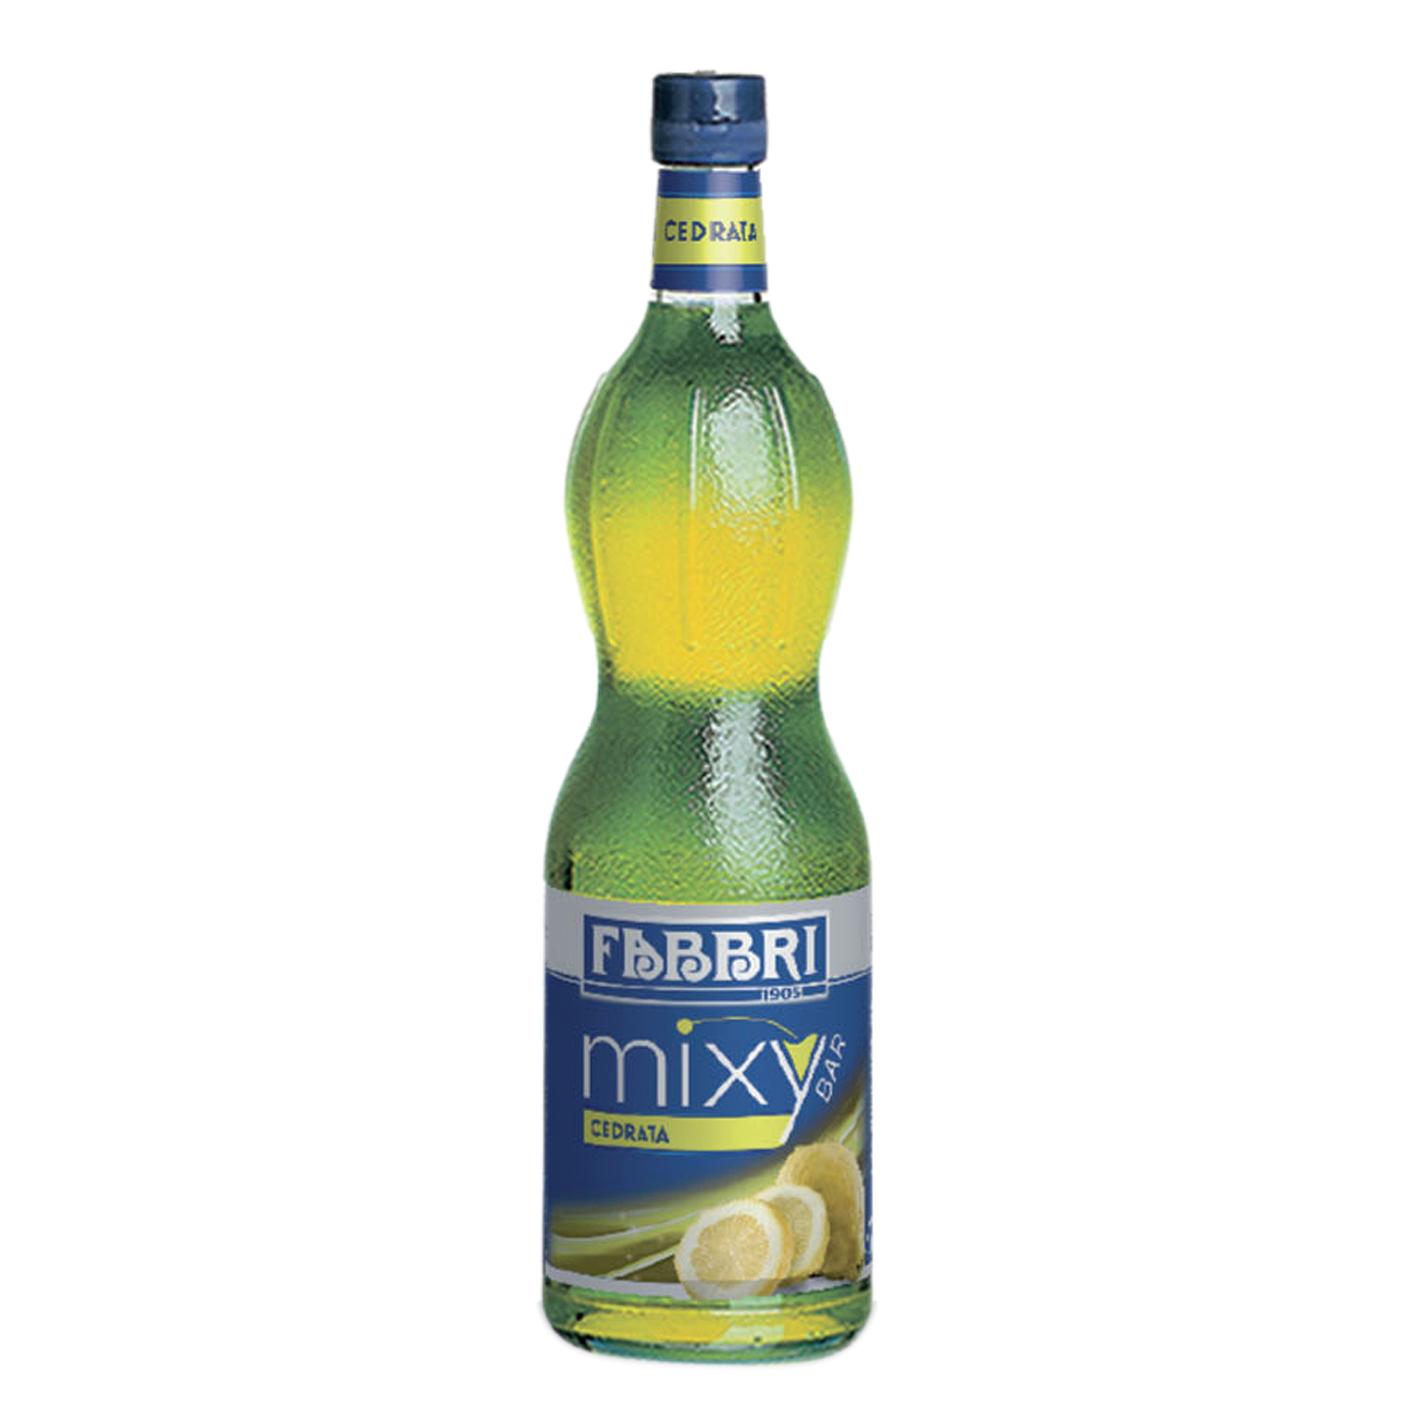 意大利FABBRI系列法布芮香橼糖浆